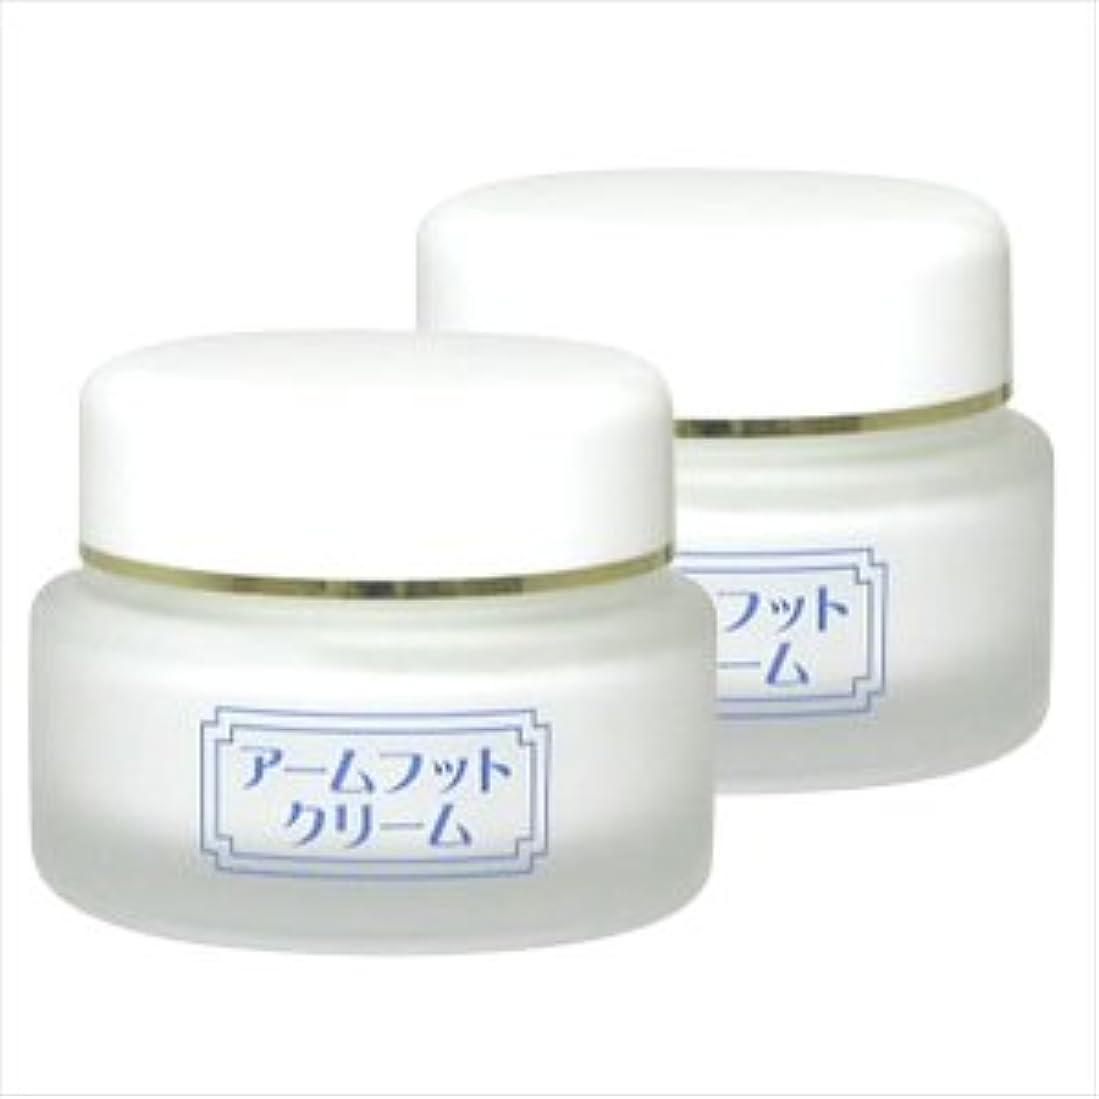 ガイド好意ジャンク薬用デオドラントクリーム アームフットクリーム(20g) (2個セット)